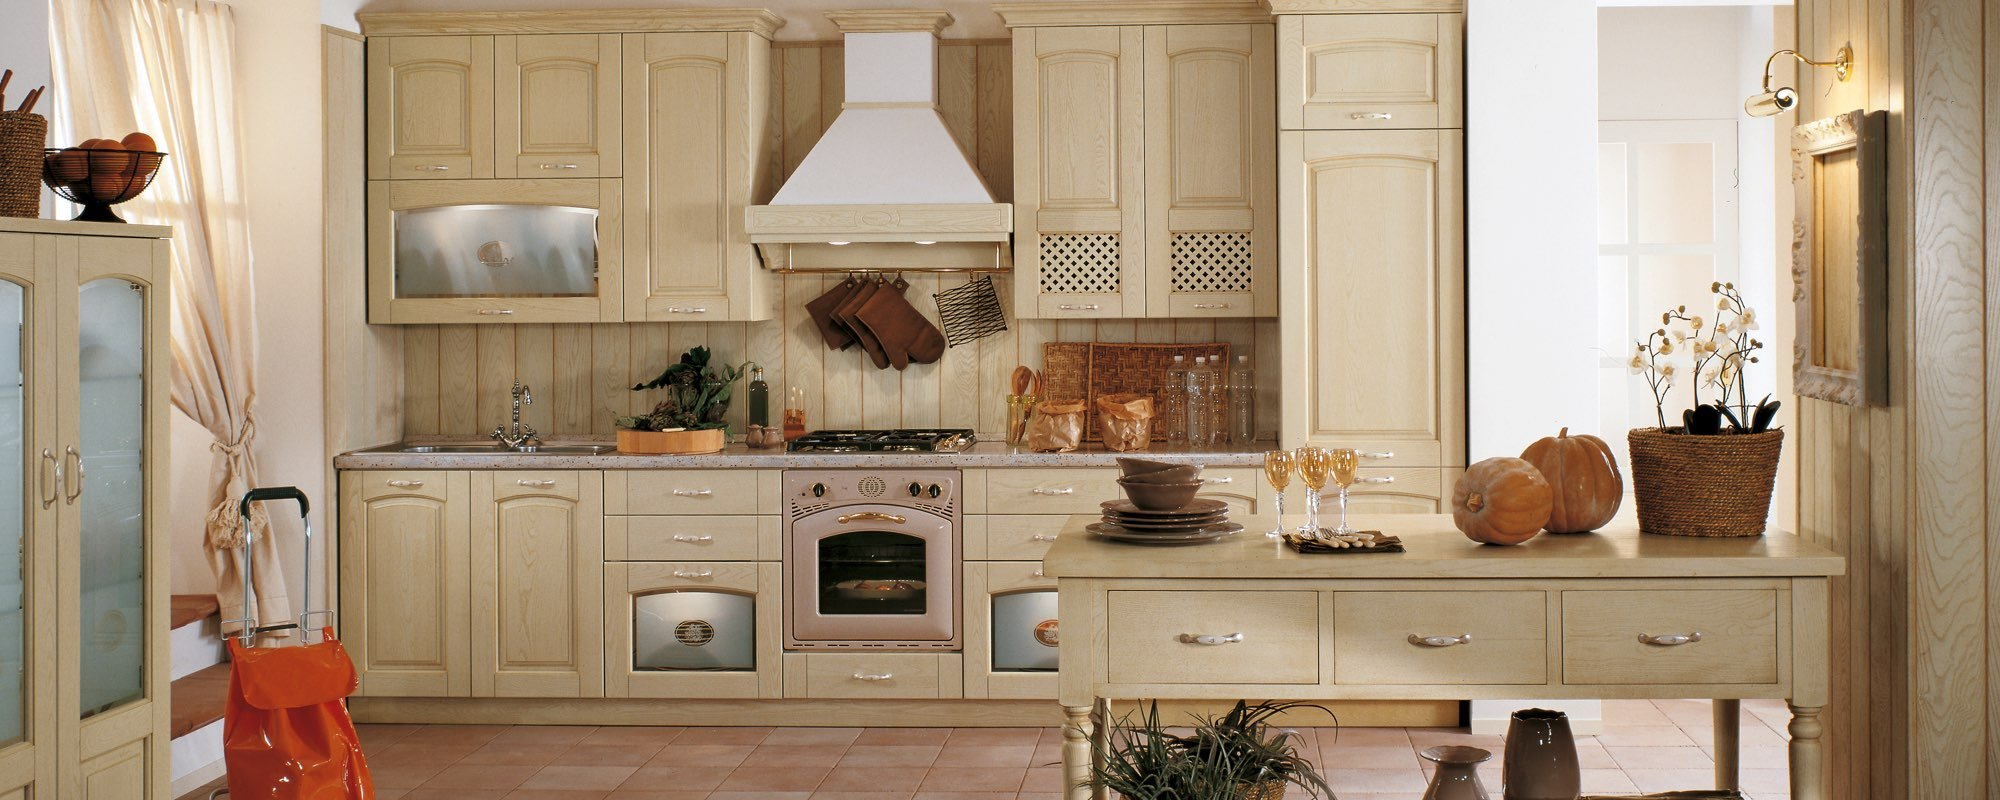 vista frontale di una cucina stosa classica in legno giallo-GINVERA